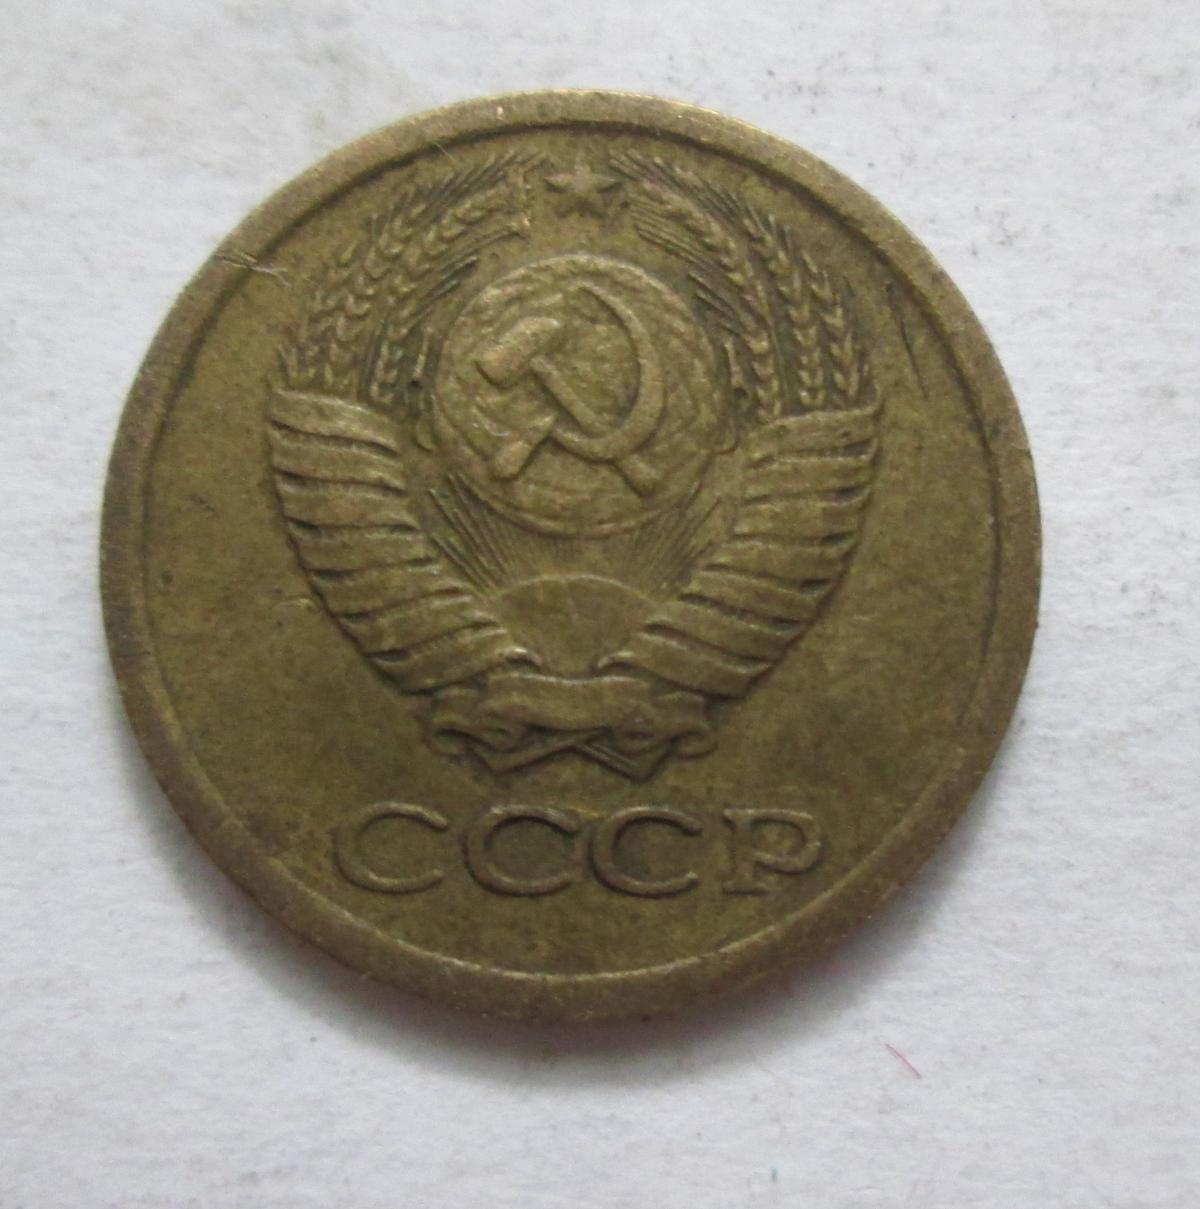 1 копейка 1967 г. Вторые колосья от земного шара с внутренней стороны без остей. Между связующим и нижним витком справа 5 стеблей